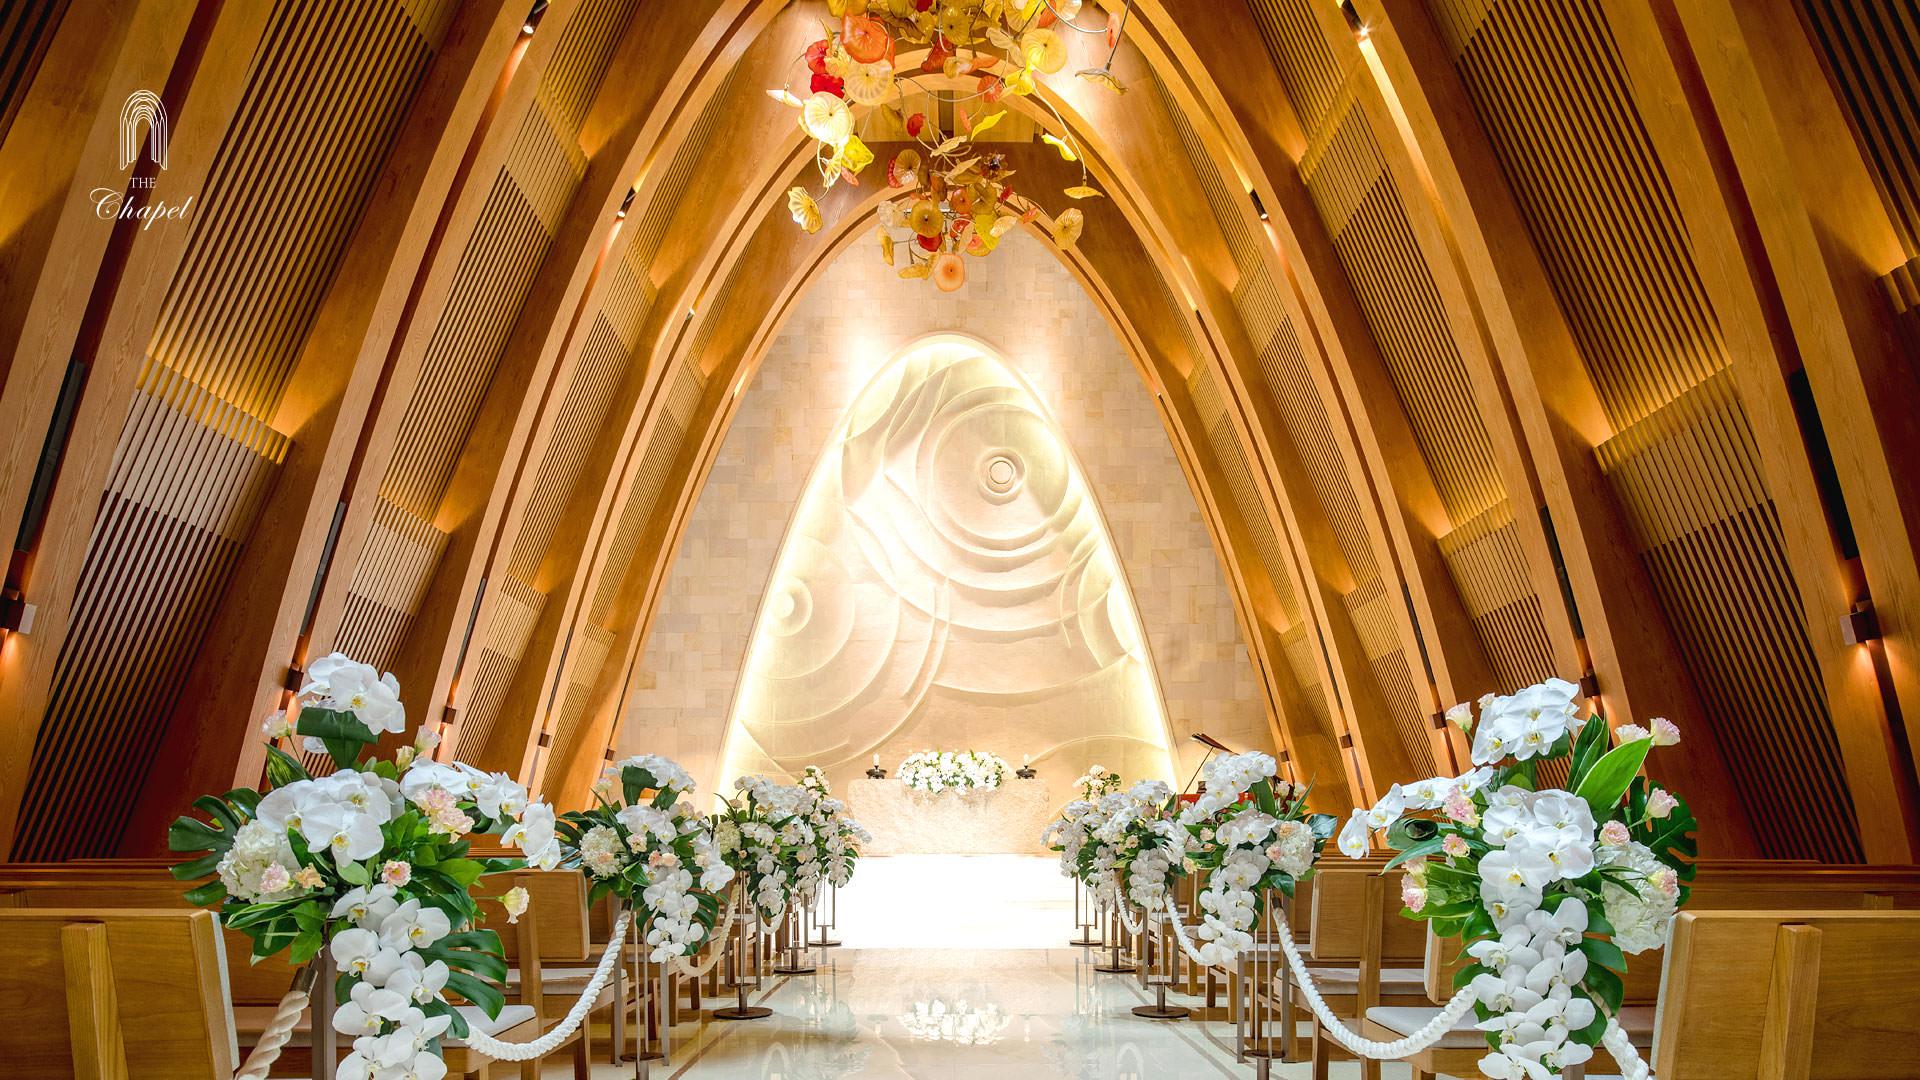 chapel_wedding_02